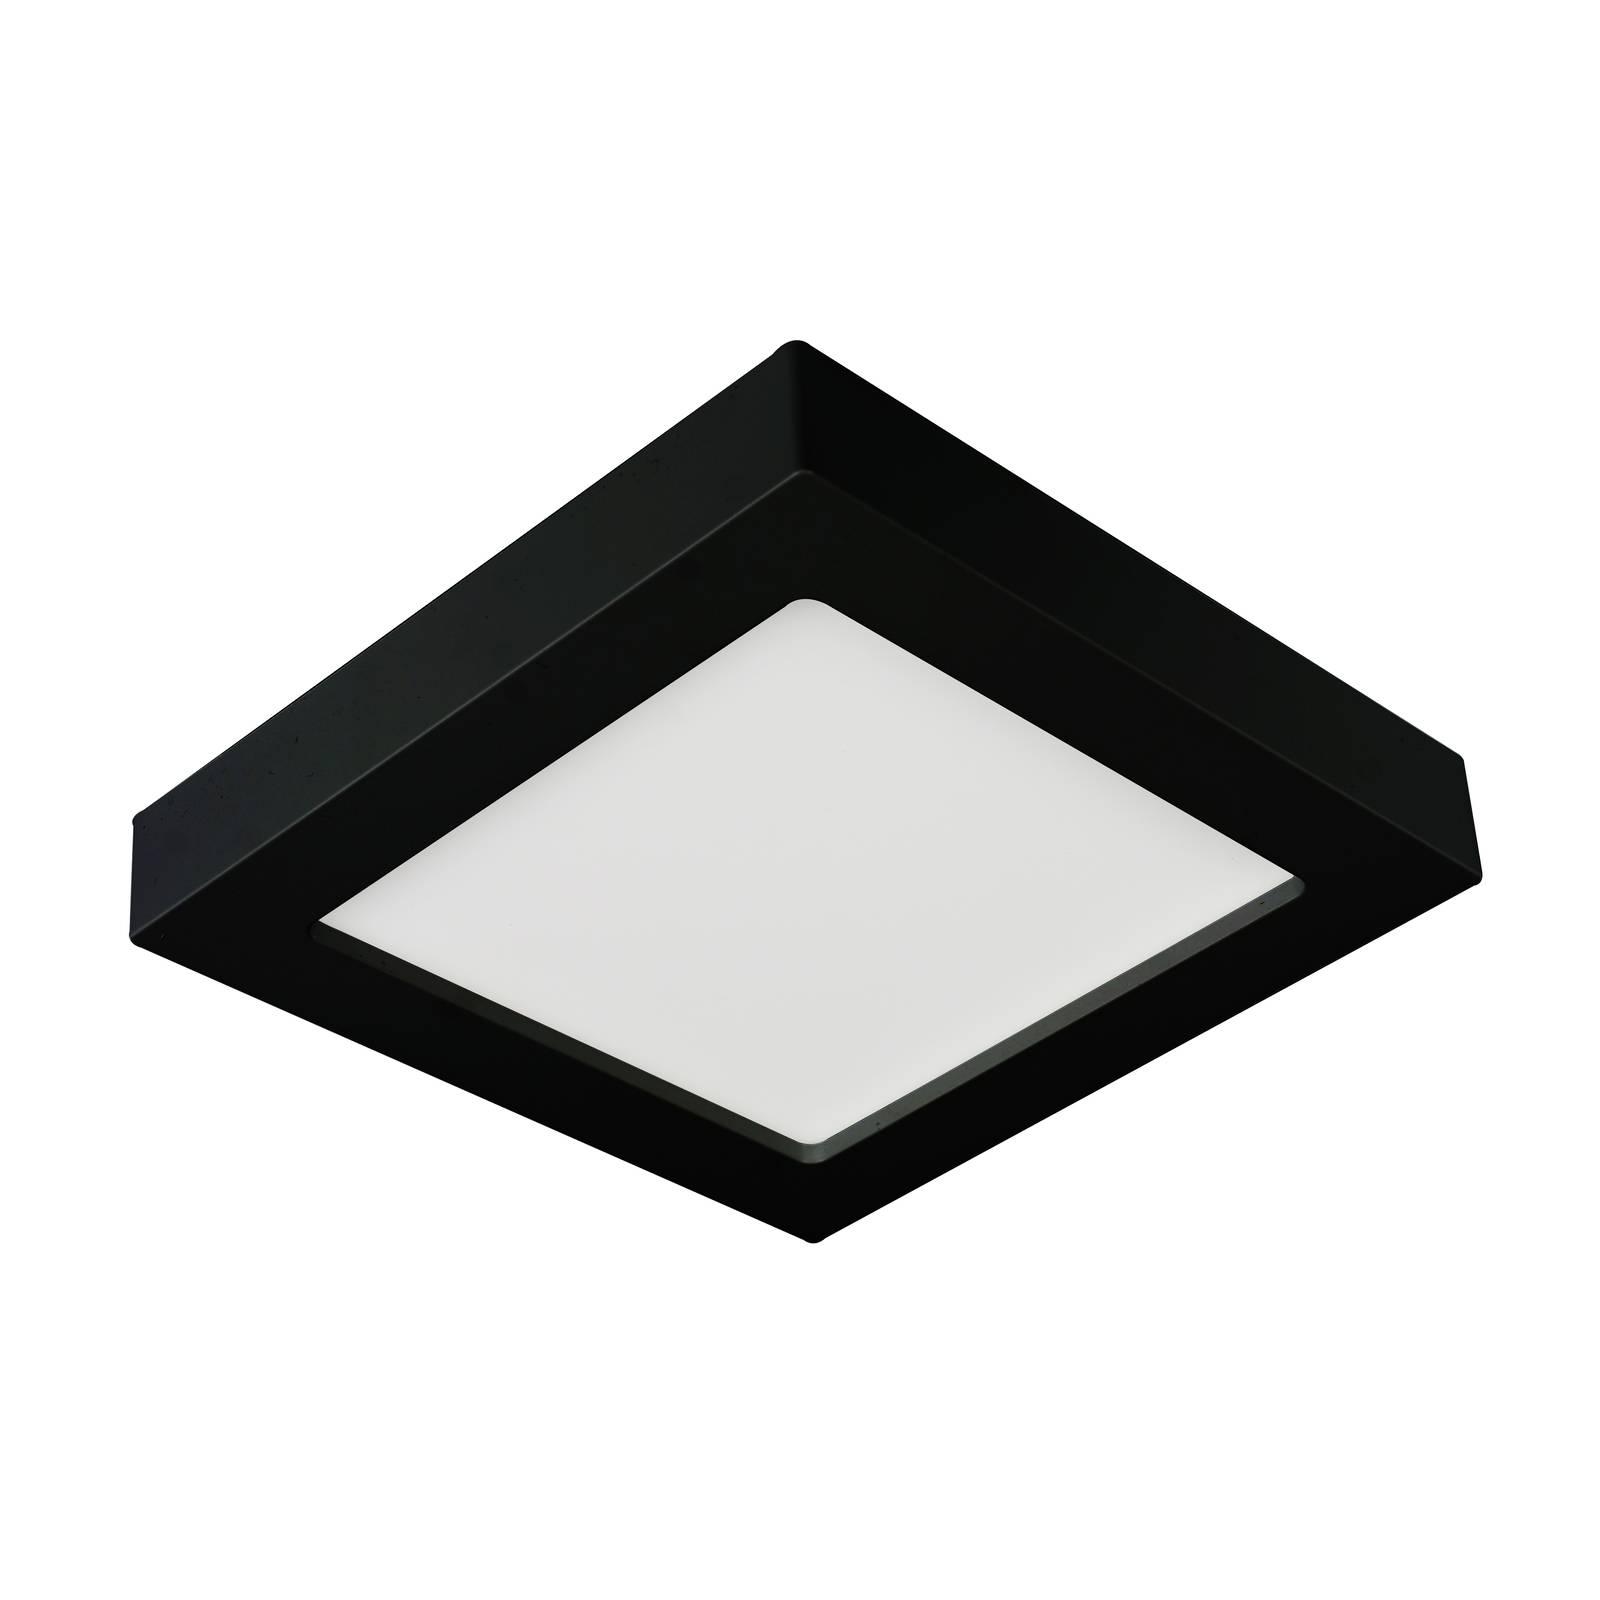 Prios Mazin -LED-kattovalaisin, IP44, CCT, 18 W